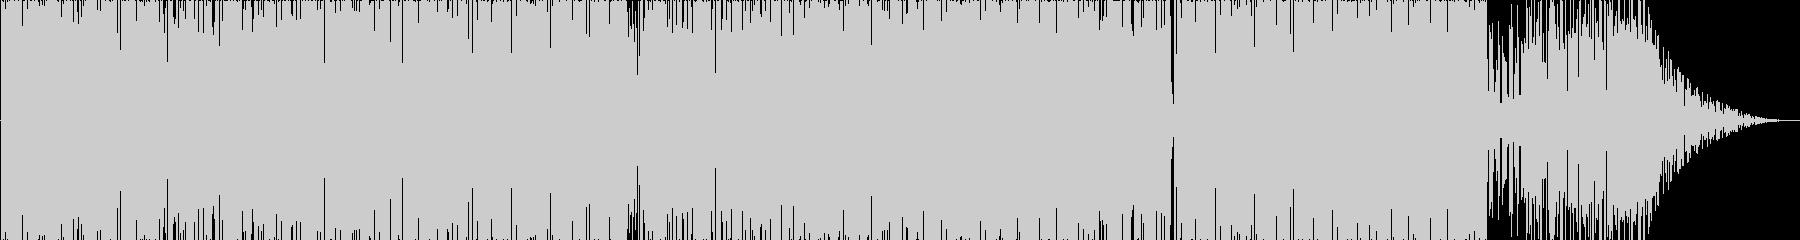 生トランペットの泥臭いファンクトラックの未再生の波形